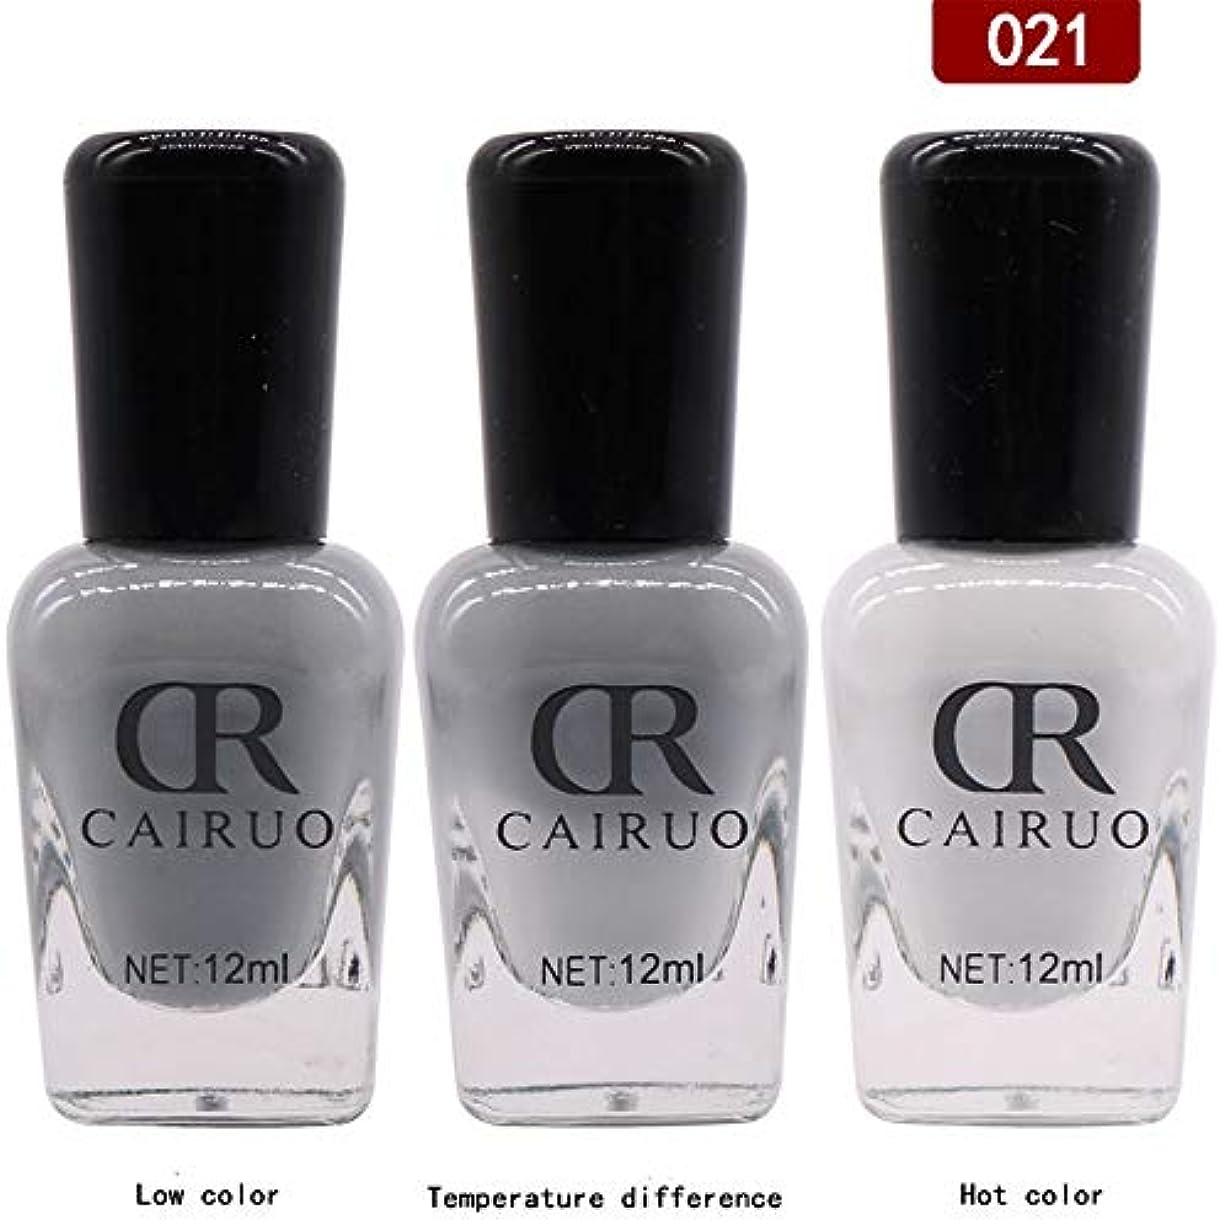 既に承認増強カラージェル 温度により色が変化 カメレオンジェルネイル 剥離可能 ネイルアート 12ml/本 (021)